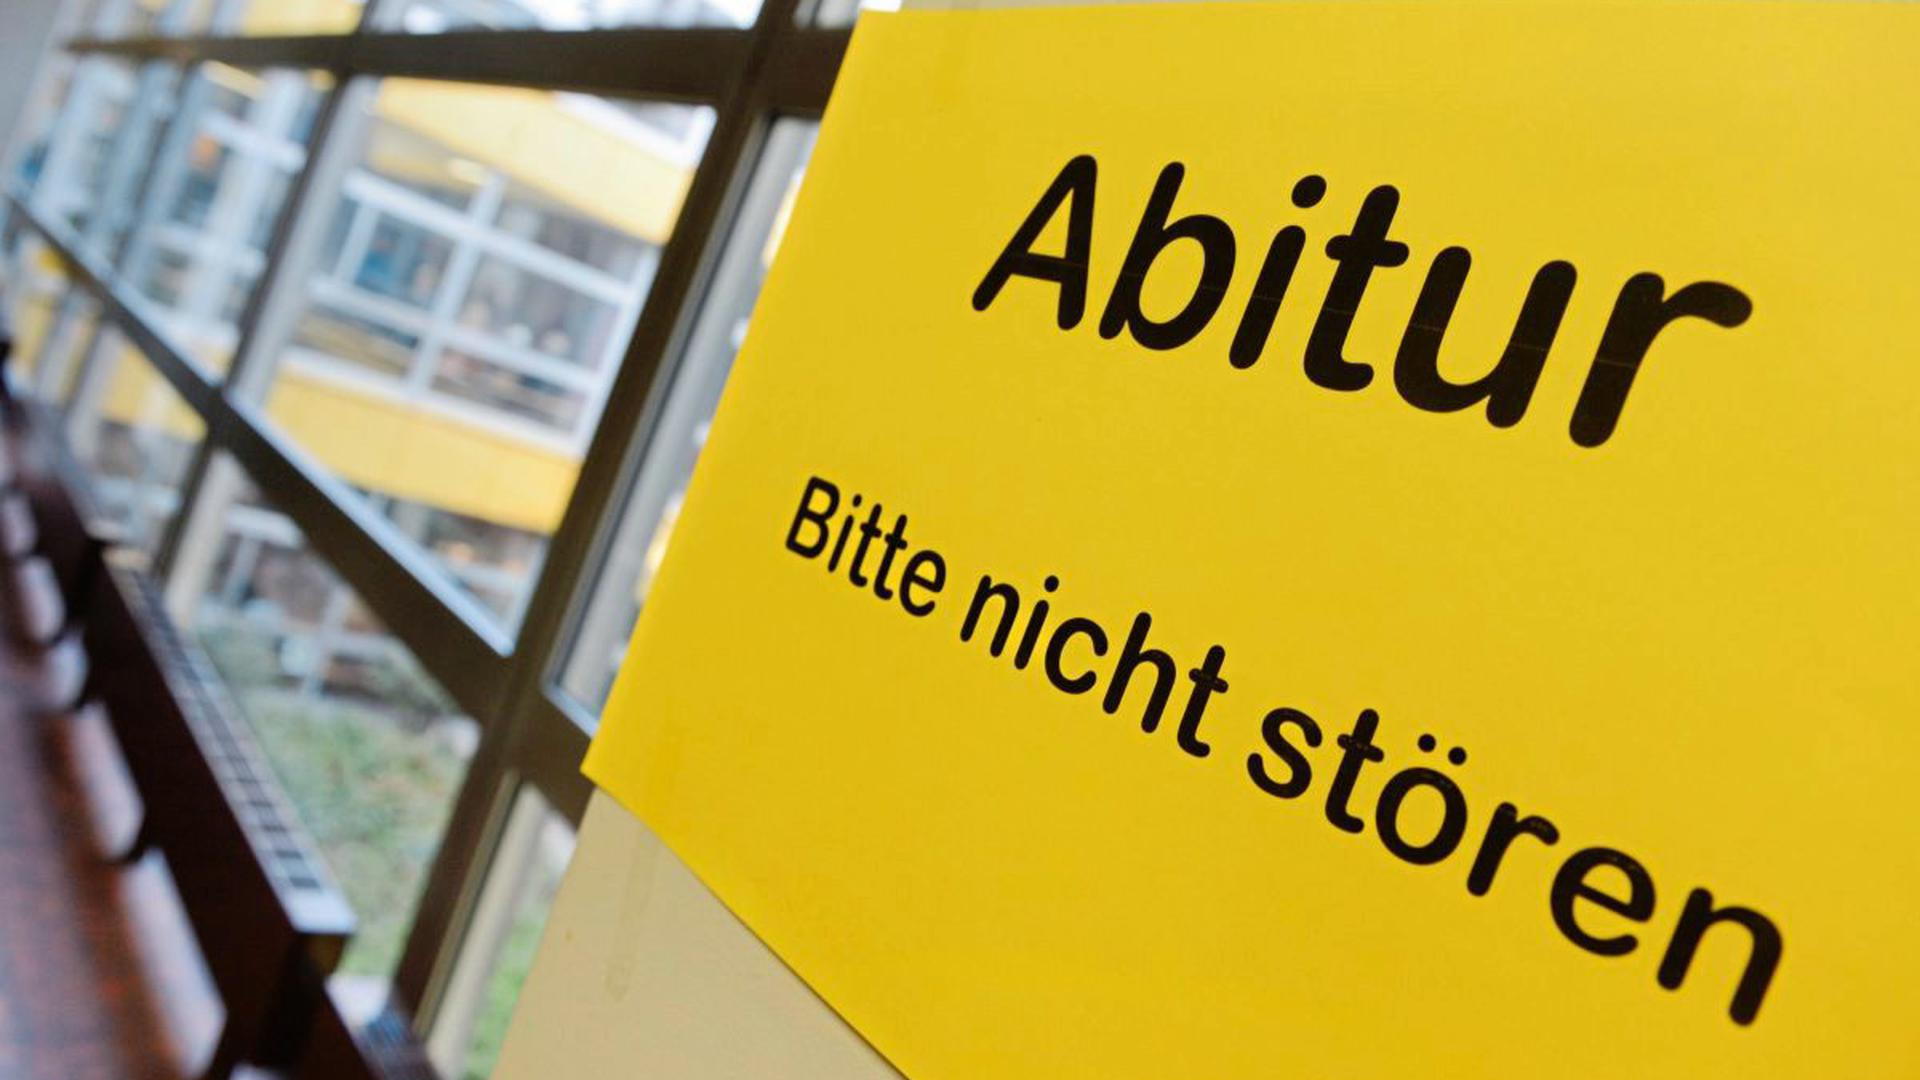 Die Abiturprüfungen sowie die Prüfungen in den Real- und Hauptschulen finden in Baden-Württemberg trotz Coronavirus ab Mitte Mai statt.